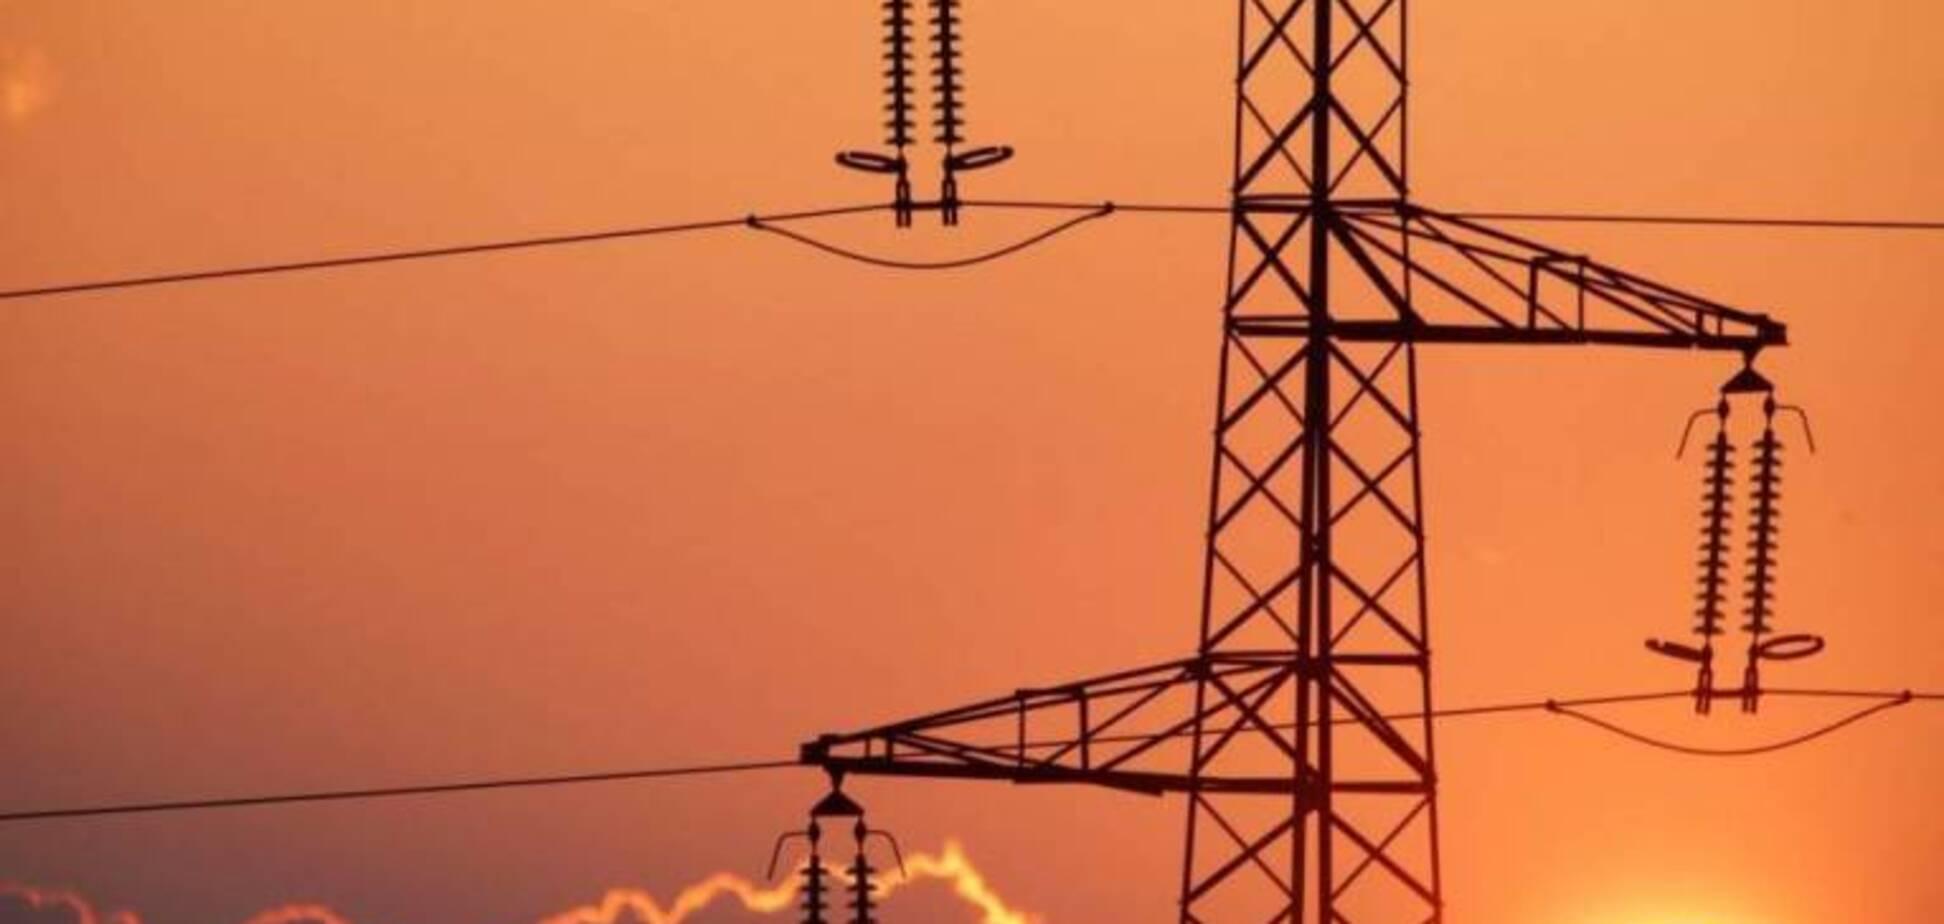 Обвал цін на електроенергію стався через махінації трейдерів під покровительством НКРЕКП – 'Д.Трейдинг'